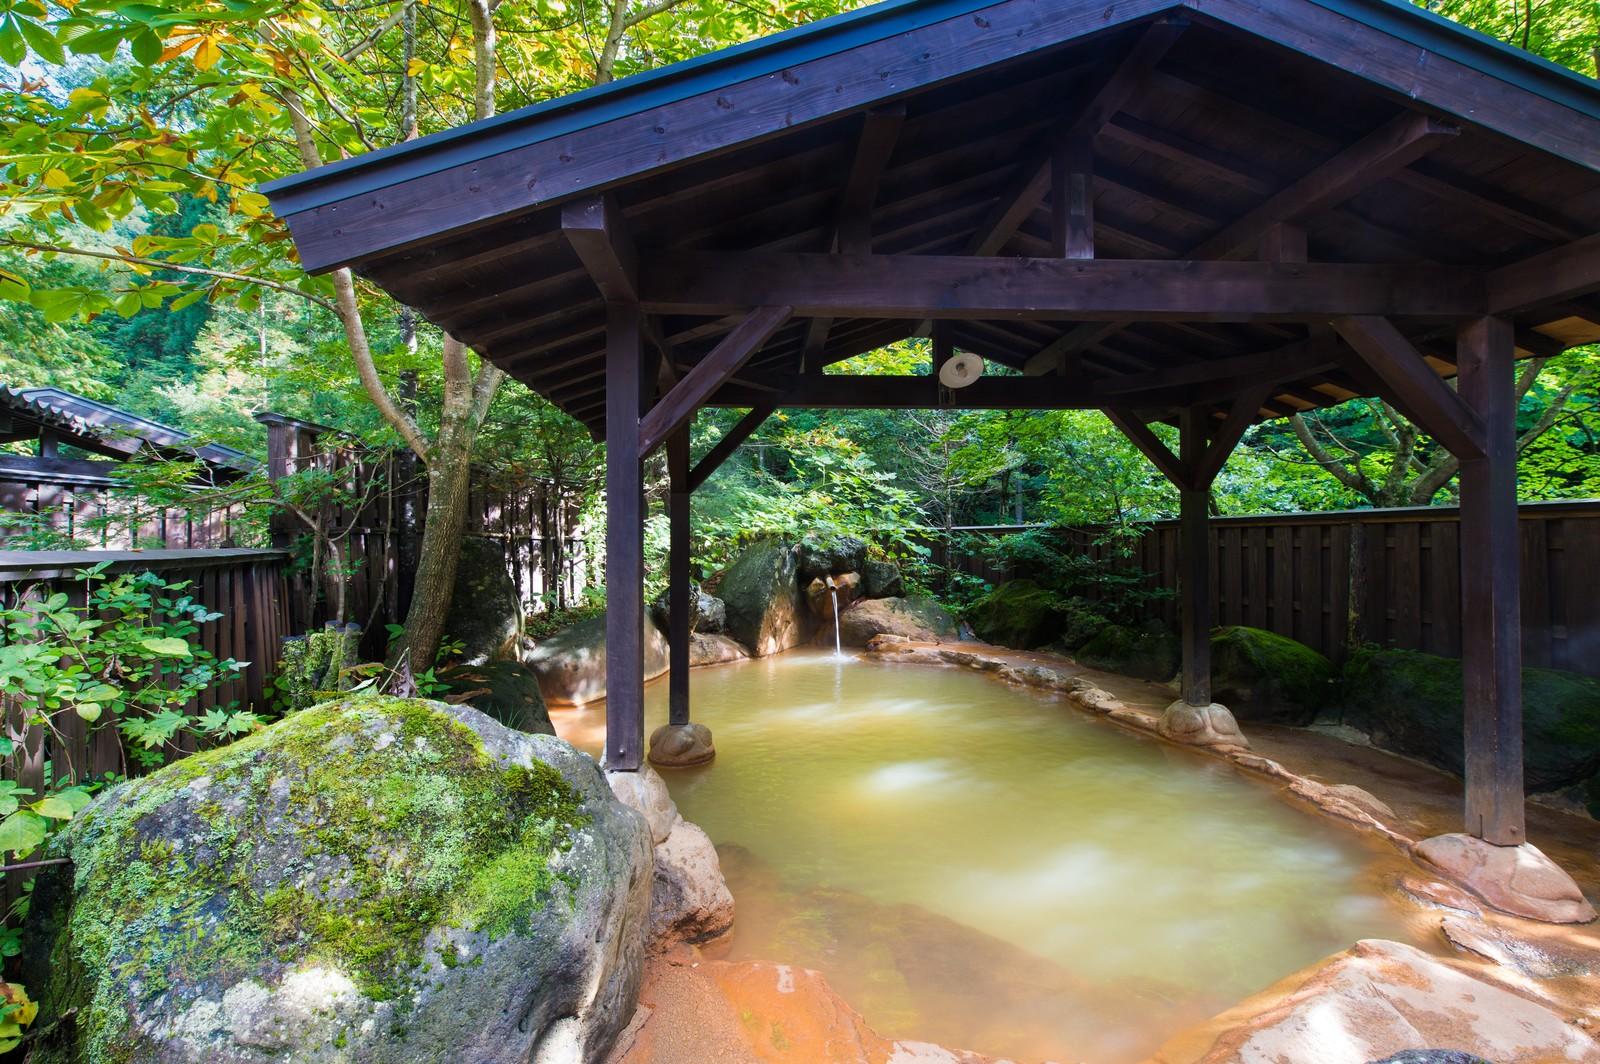 温泉の日本三大を徹底調査!名湯・秘湯・古泉など様々な三大で癒されよう!